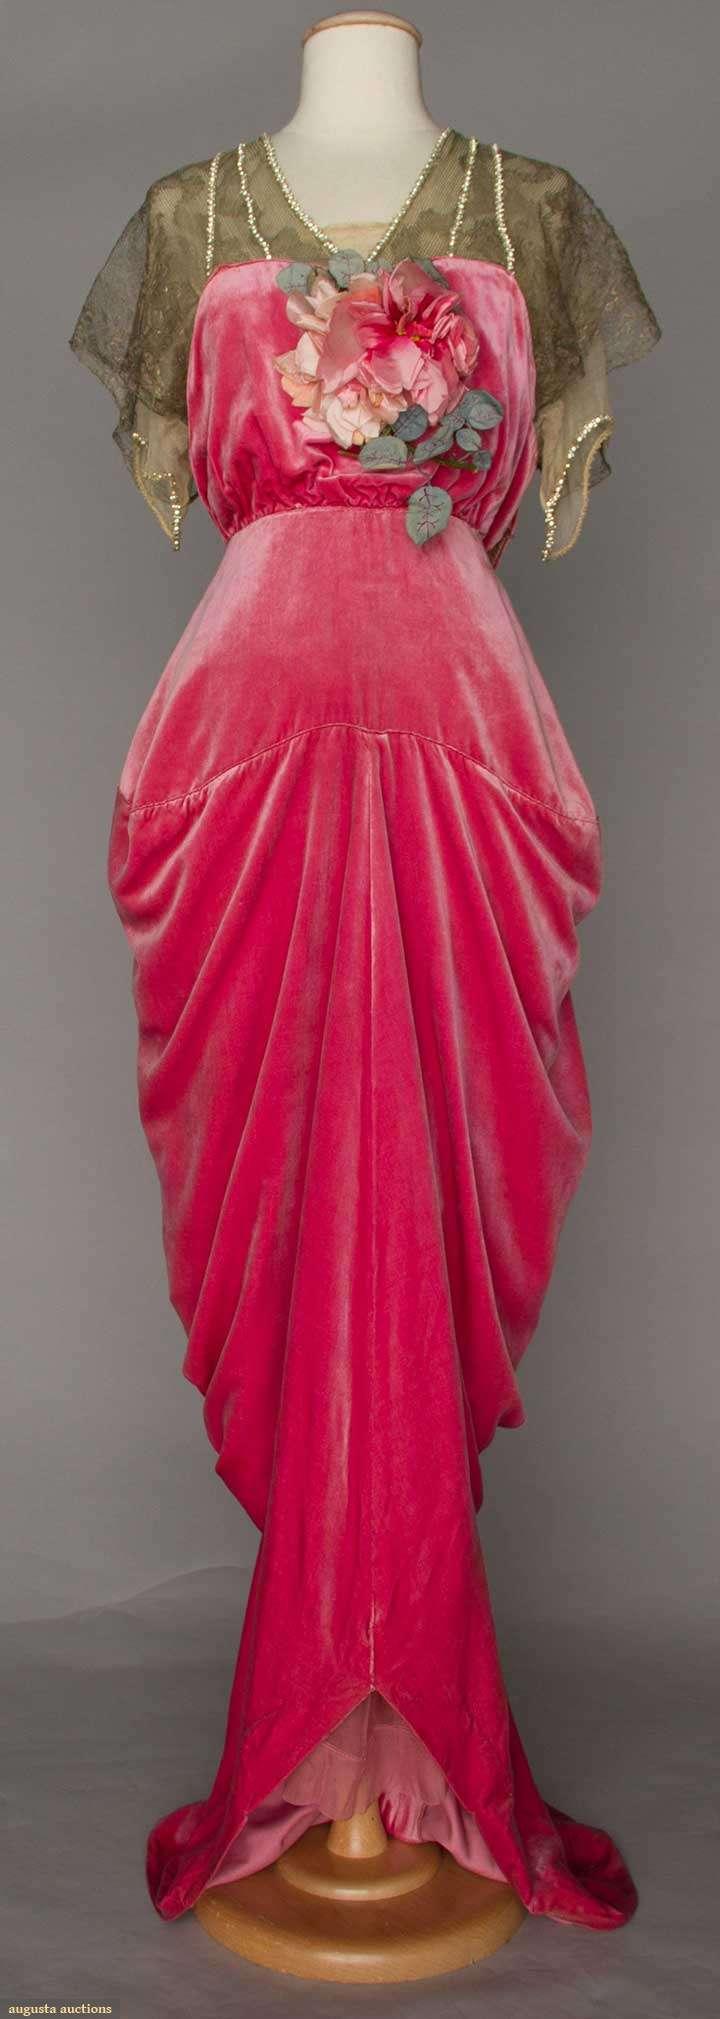 Raspberry velvet hobble skirt gown by Robert, Paris, 1910-1914, Augusta Auctions, April 20, 2016